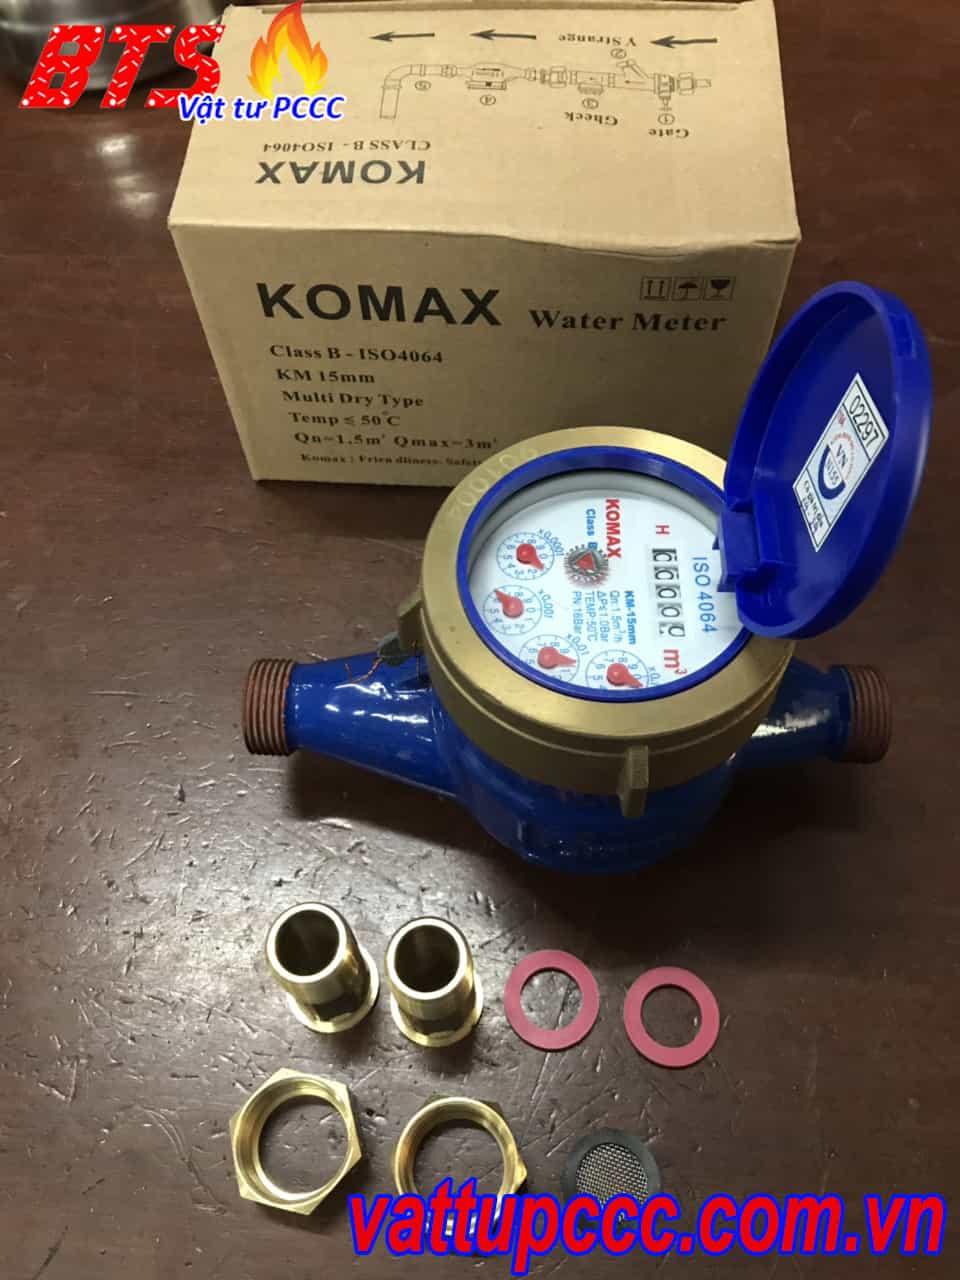 Đồng hồ nước Komax sản xuất tại Hàn Quốc